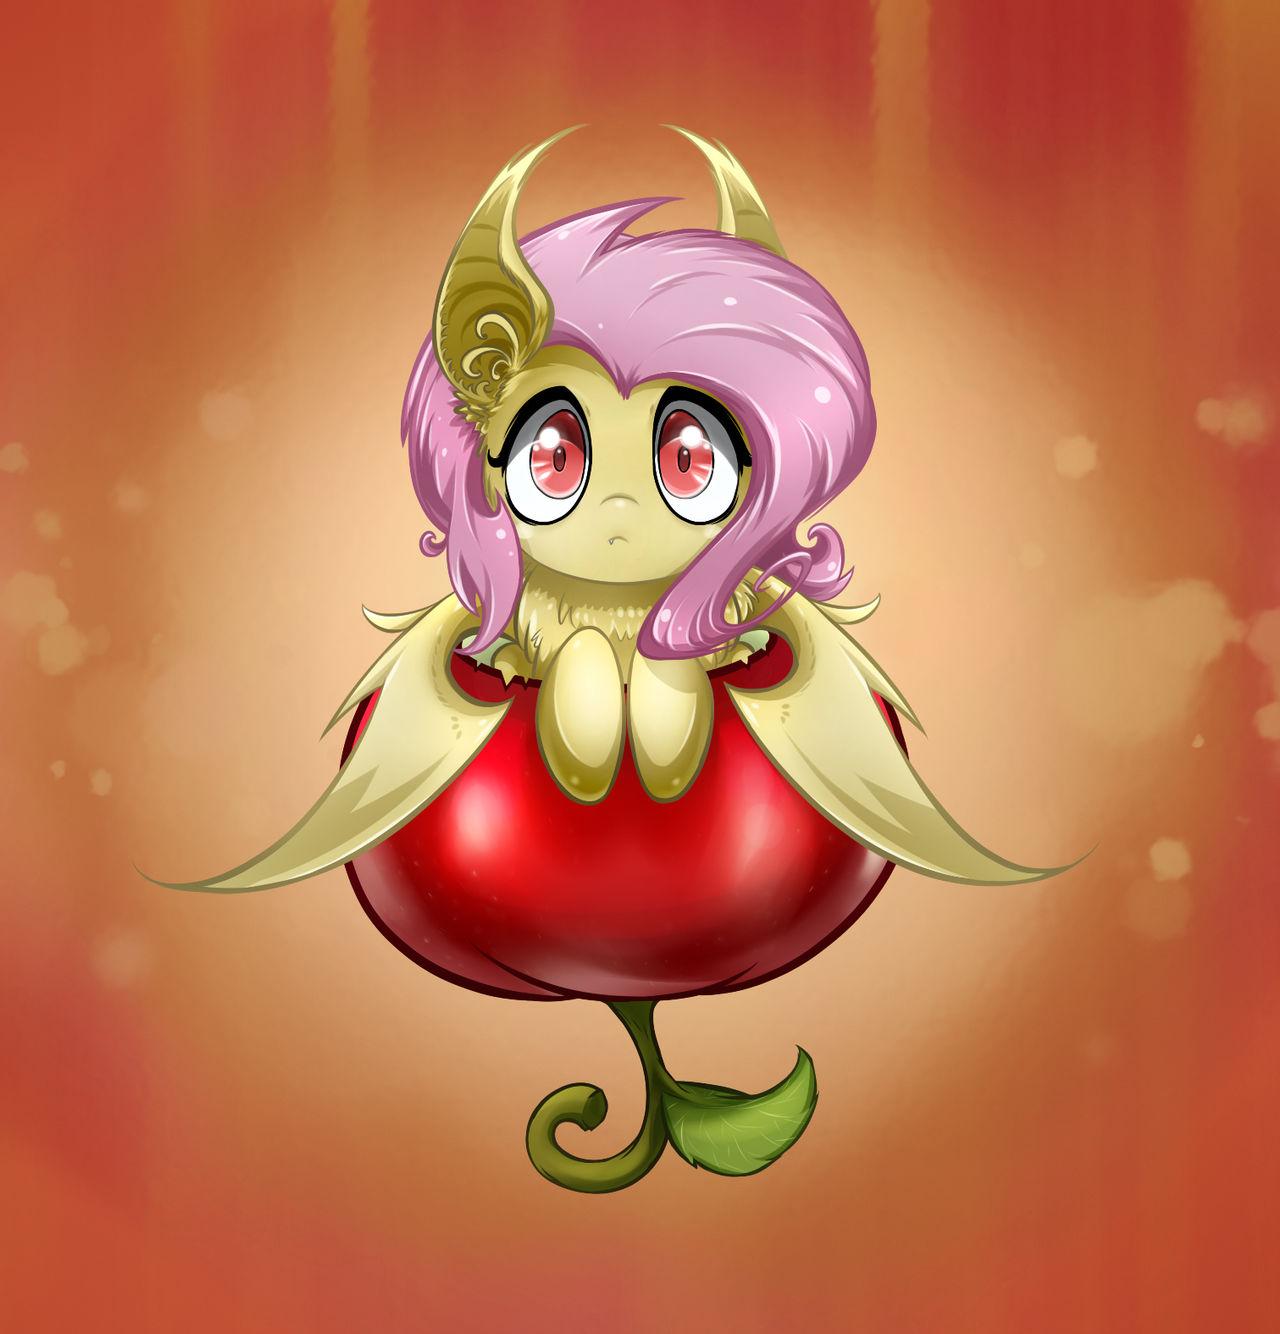 Little Flutterbat